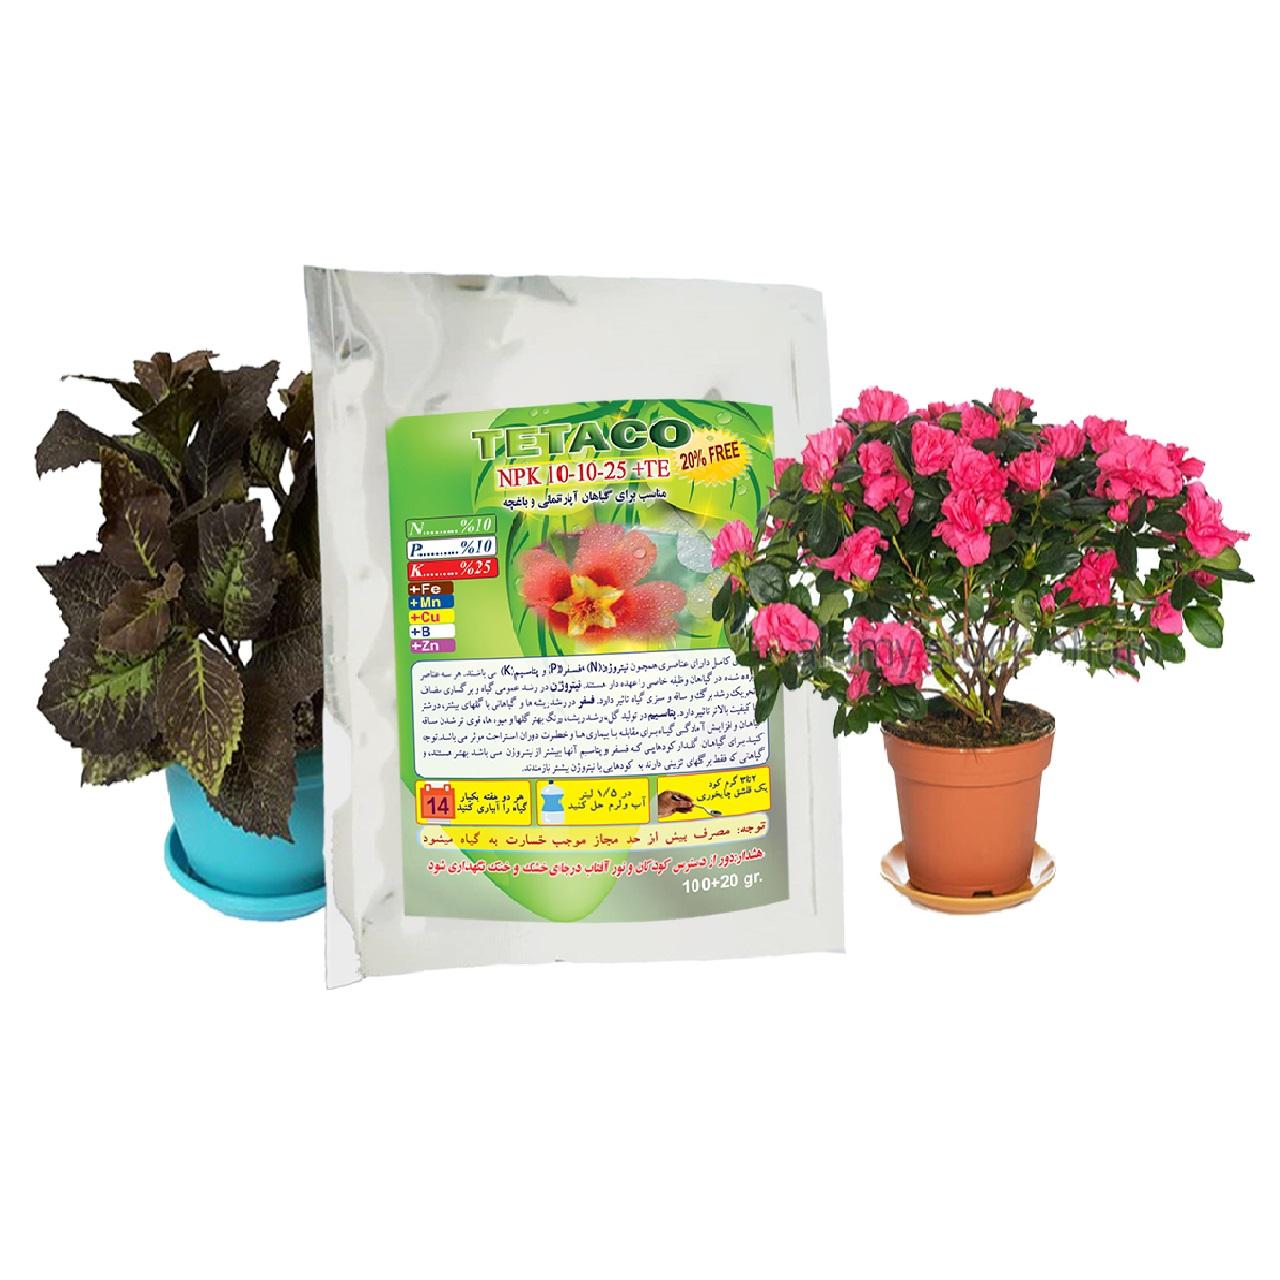 کود گیاهان آپارتمانی تتاکو مدل NPK 10-10-25 وزن 120 گرم بسته 10 عددی